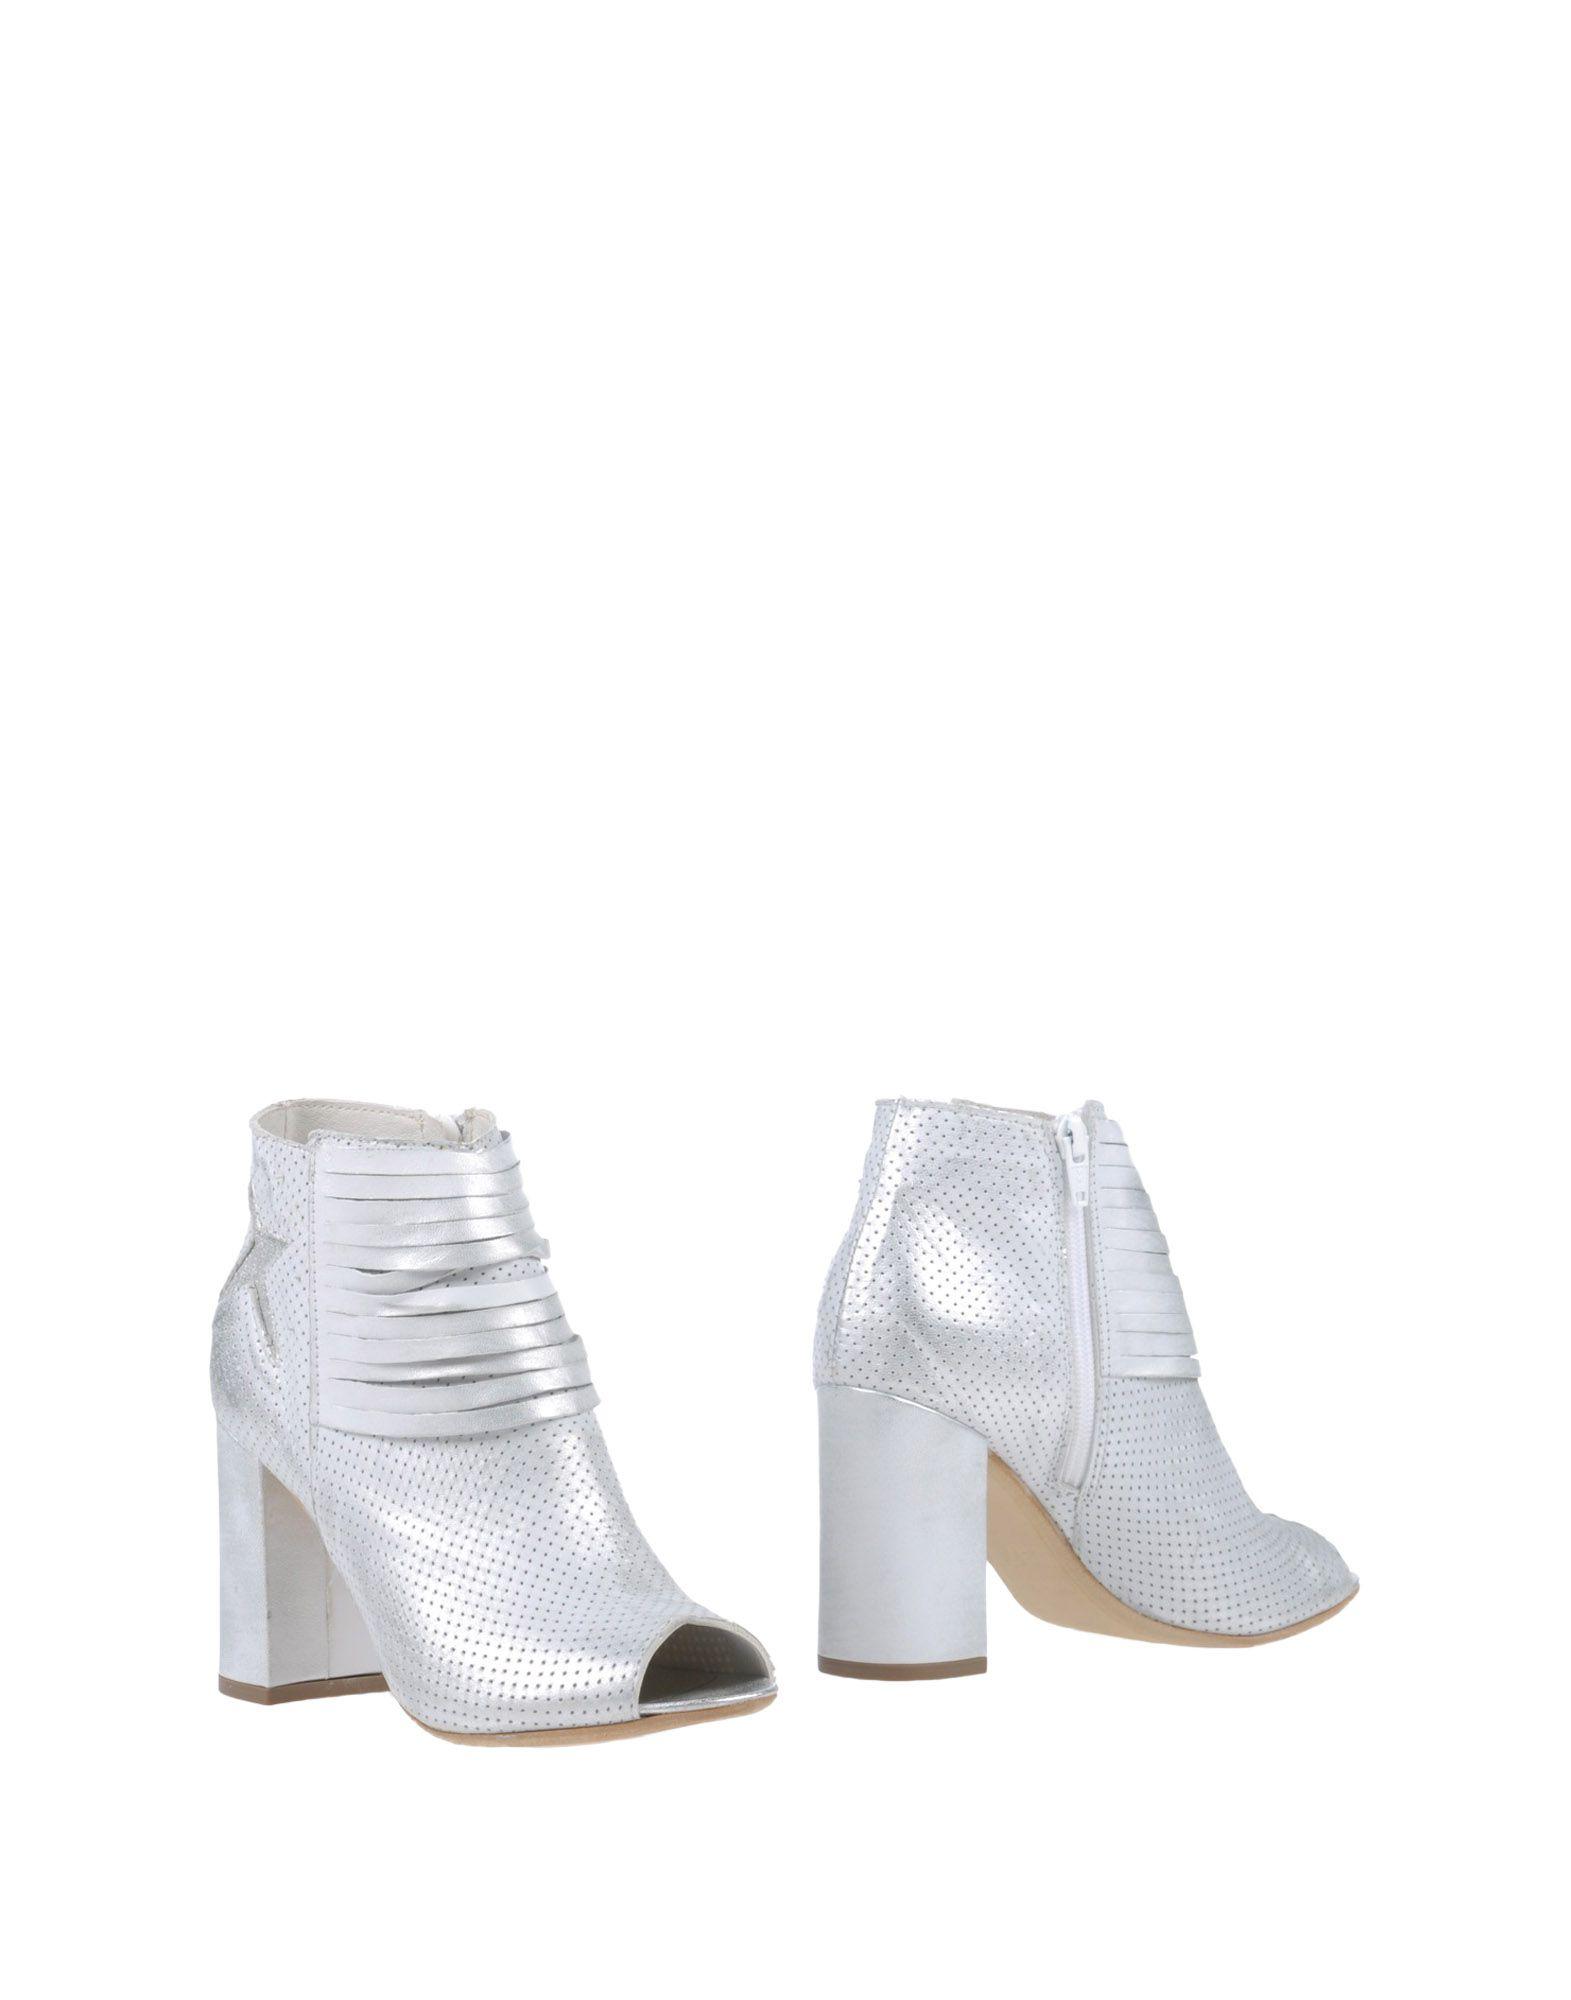 Divine Follie Stiefelette Damen  11376033BG Gute Qualität beliebte Schuhe